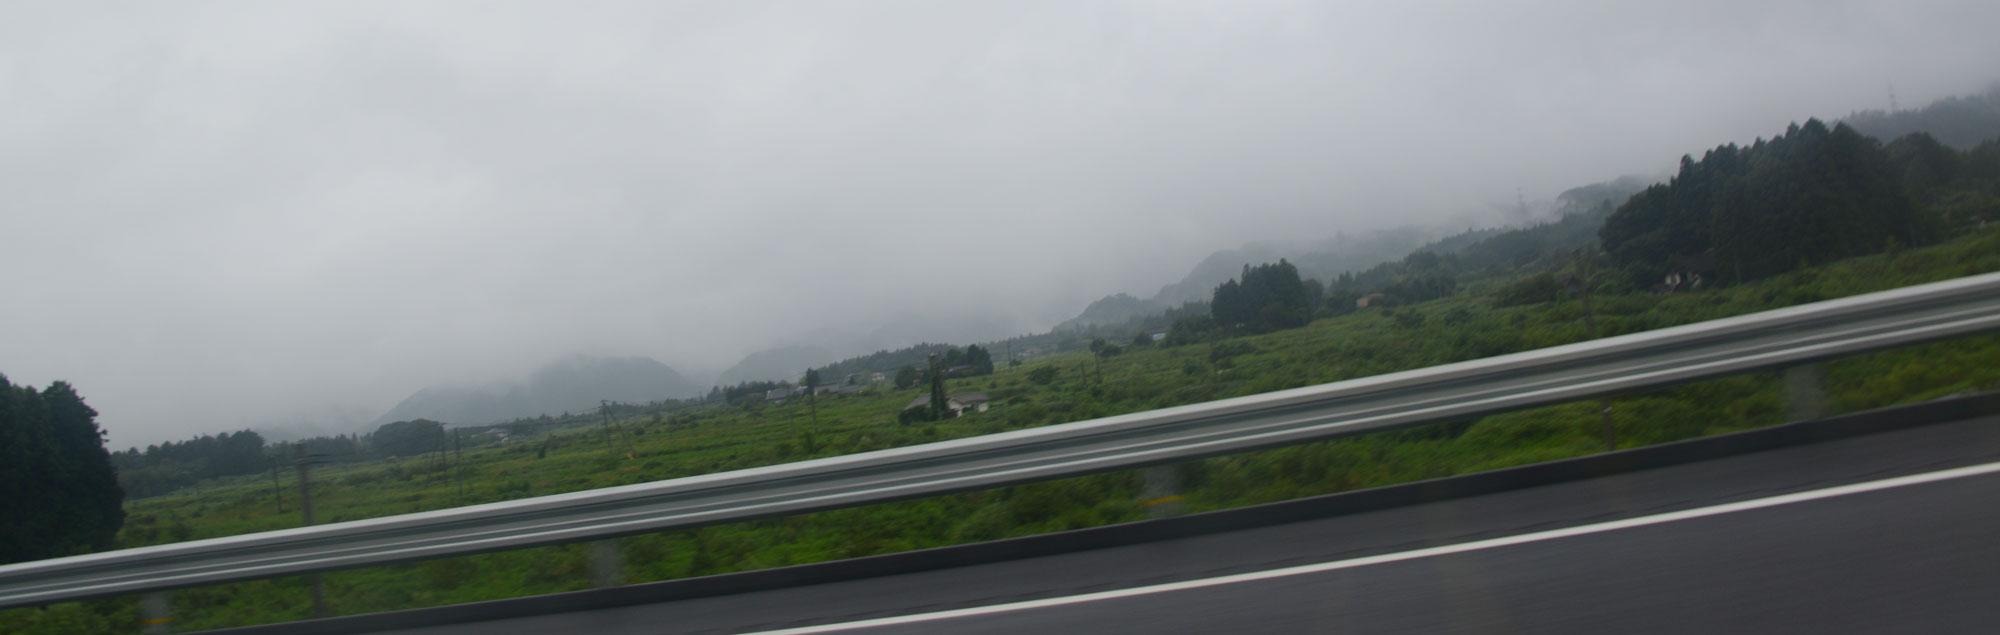 多分田んぼであろうという場所にあるのは稲ではなく、ただの草のようです。そして田んぼも畑も山も家もまったく区別なく、ひとつの塊のように見えます。